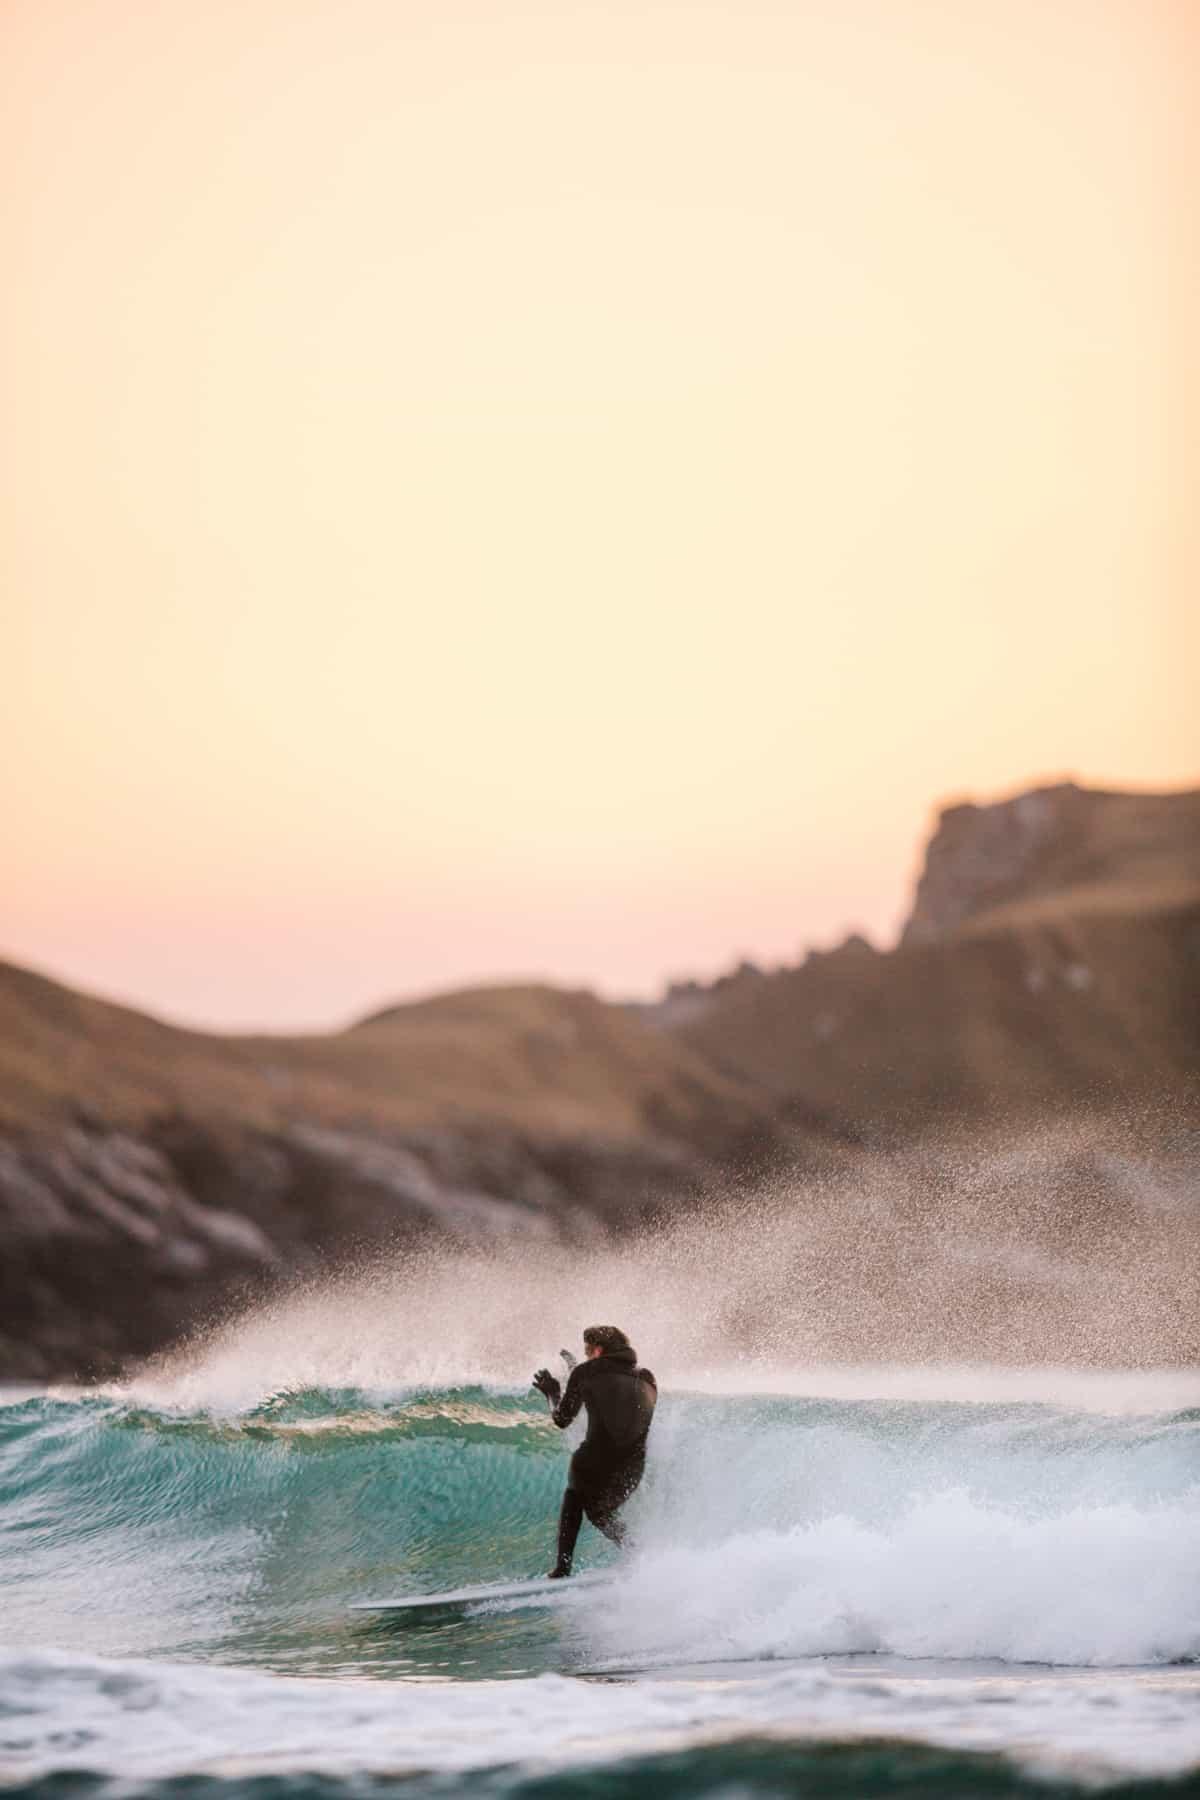 Sommersurf